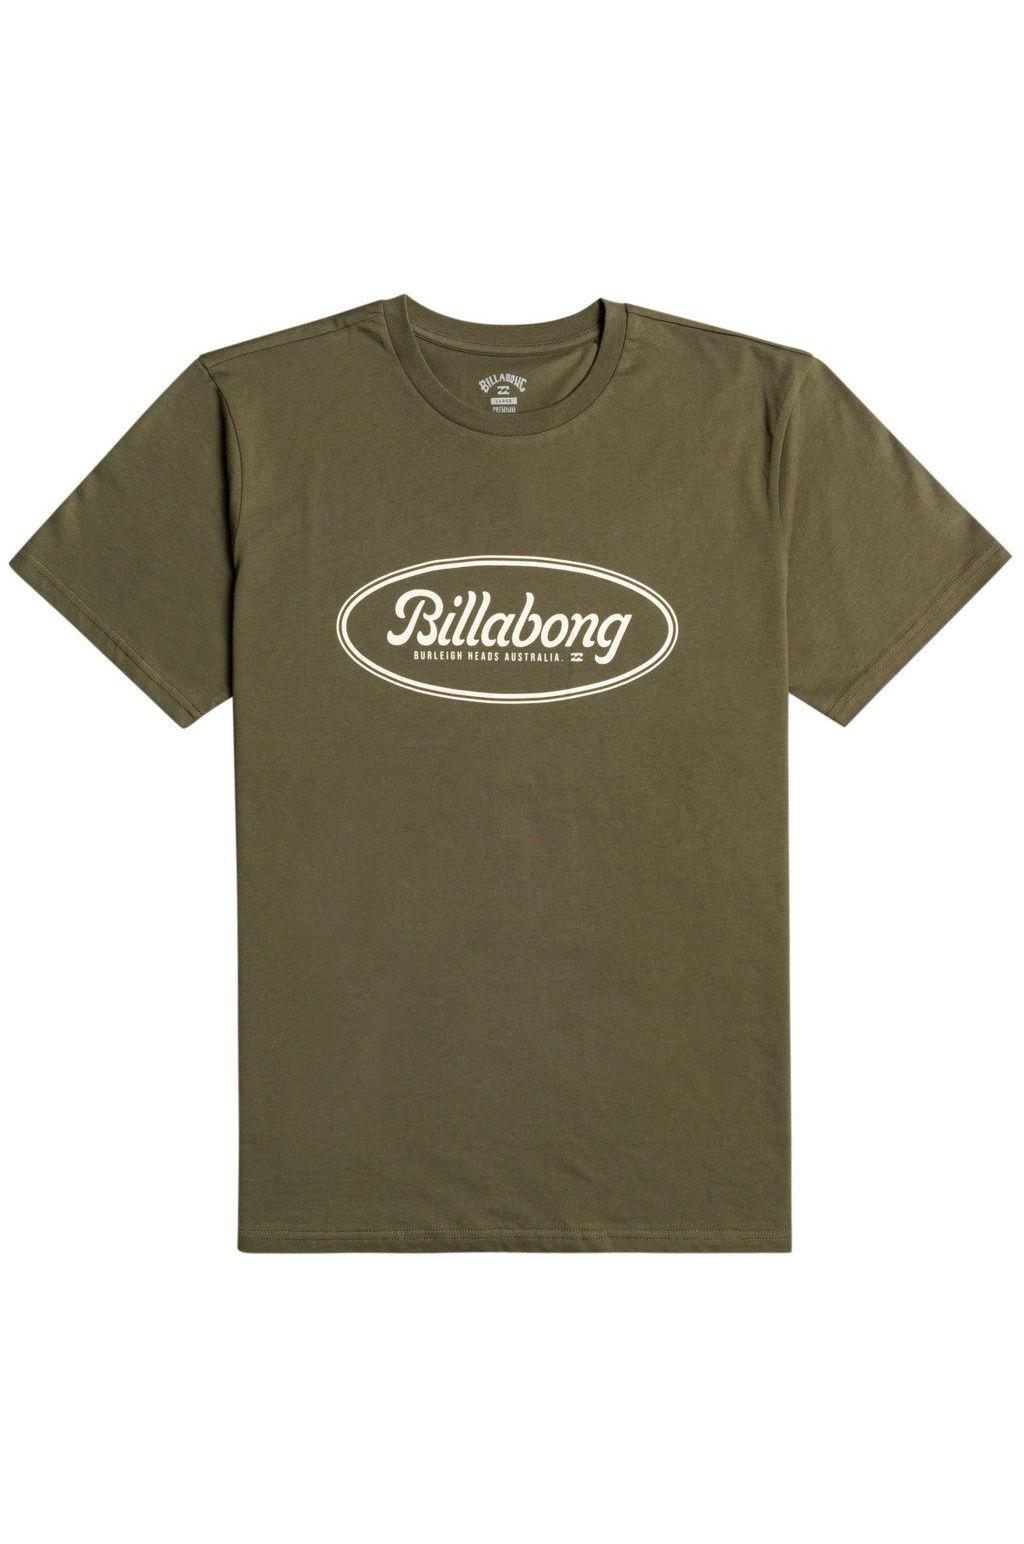 Billabong T-Shirt STATE BEACH SS Military